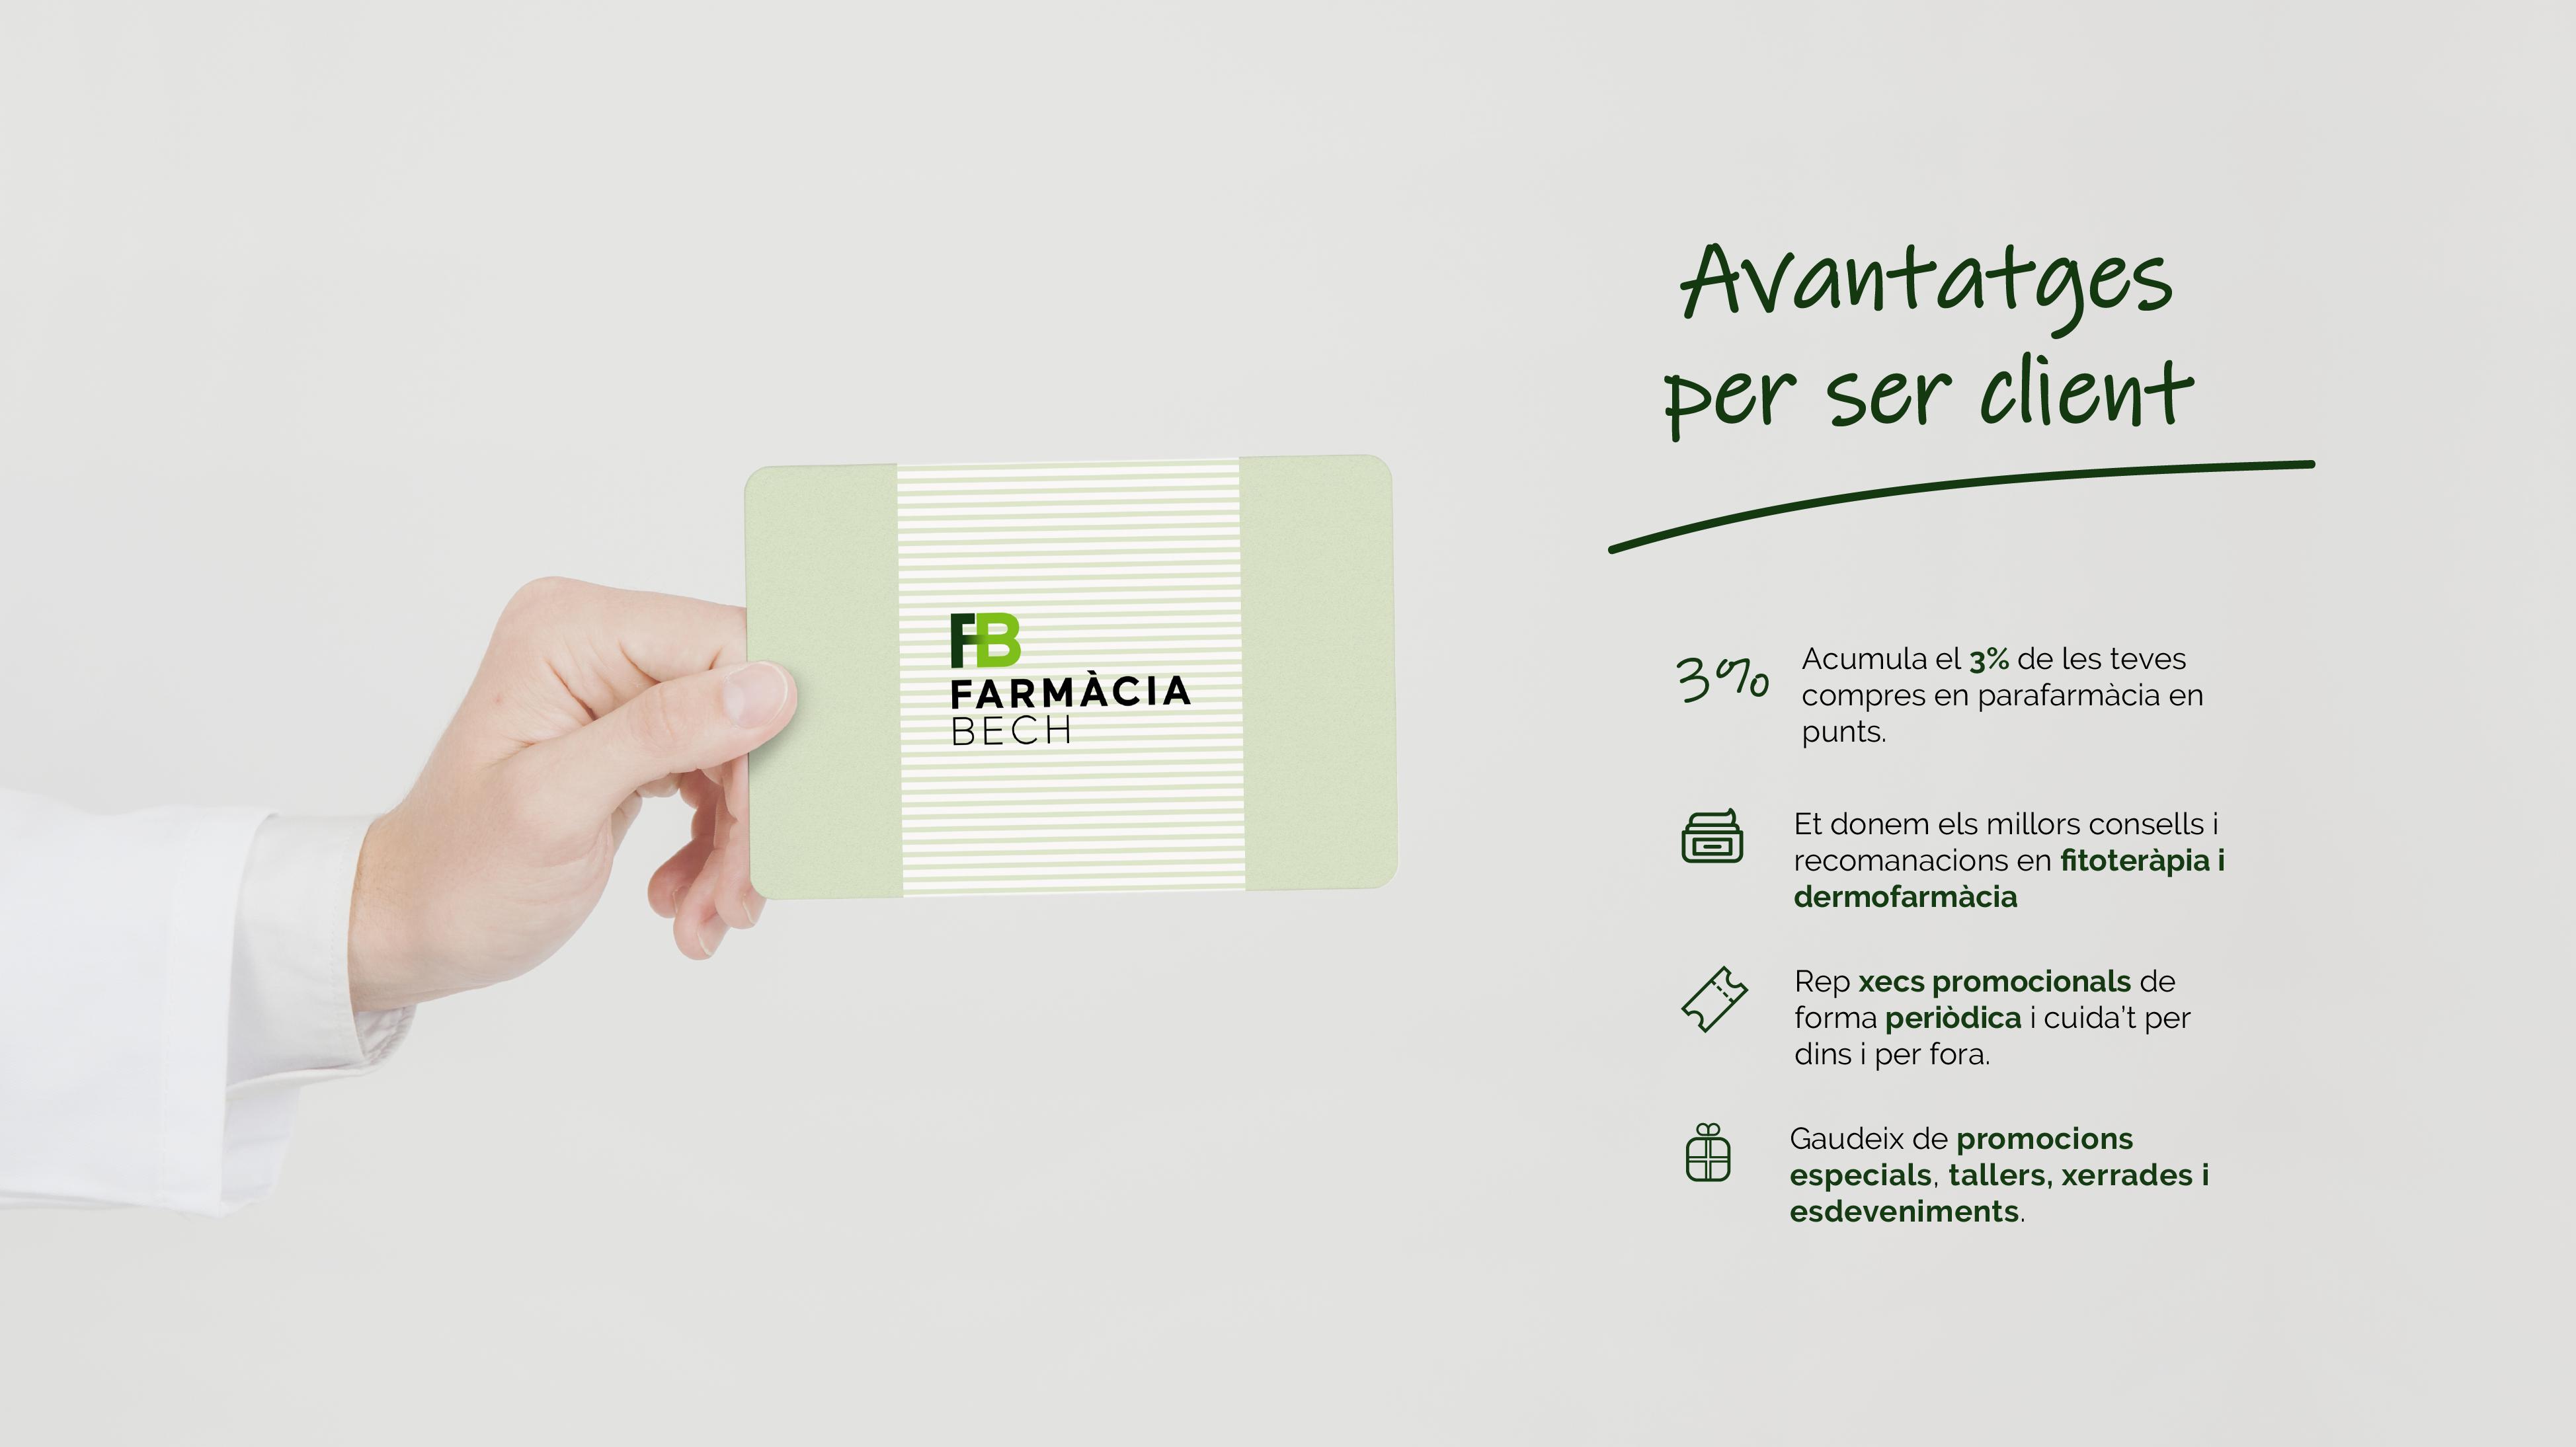 Avantatges per ser client de Farmàcia Marta Bech